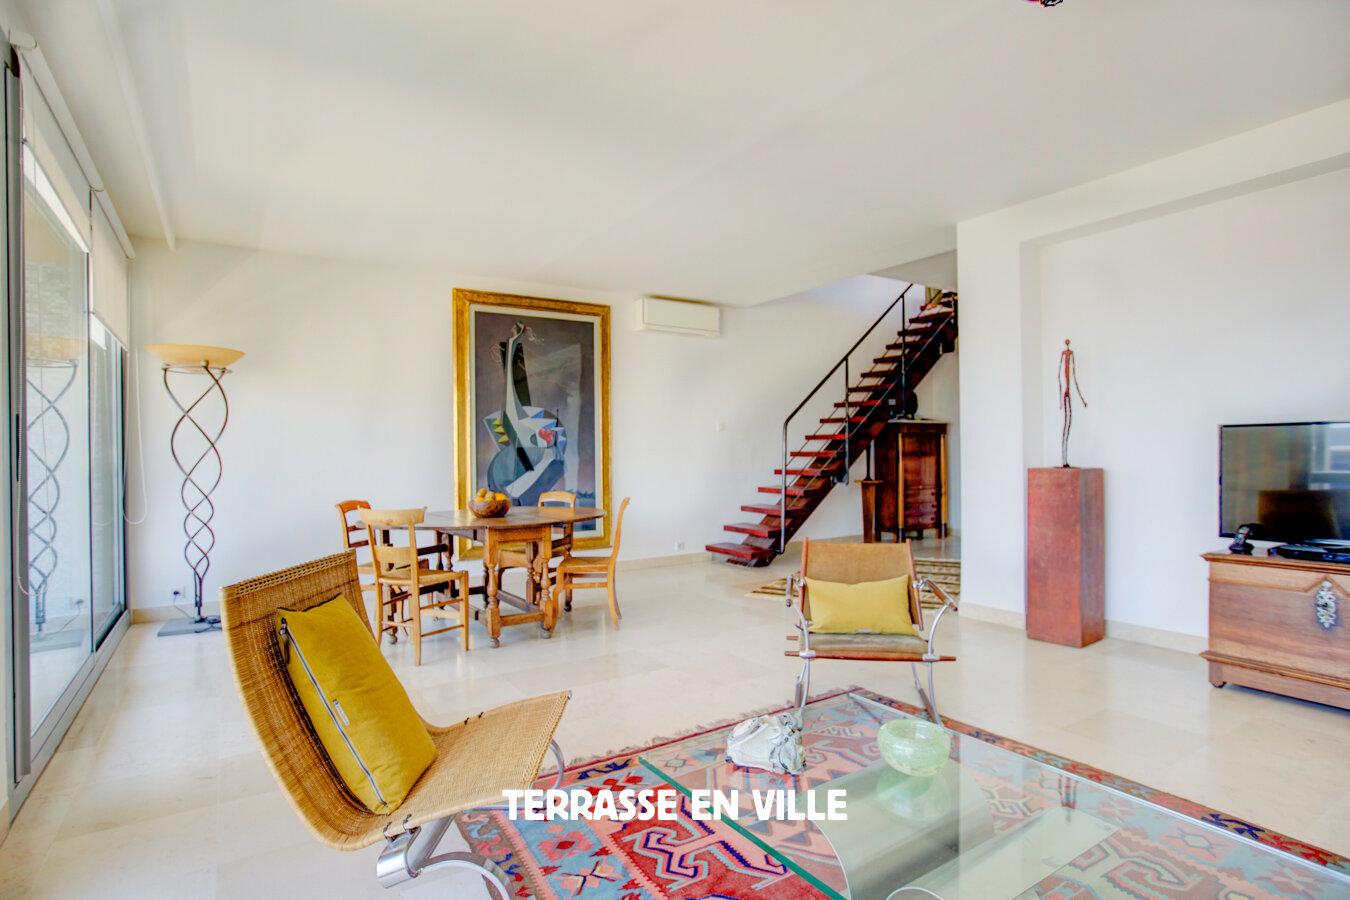 TERRASSE EN VILLE-22.jpg